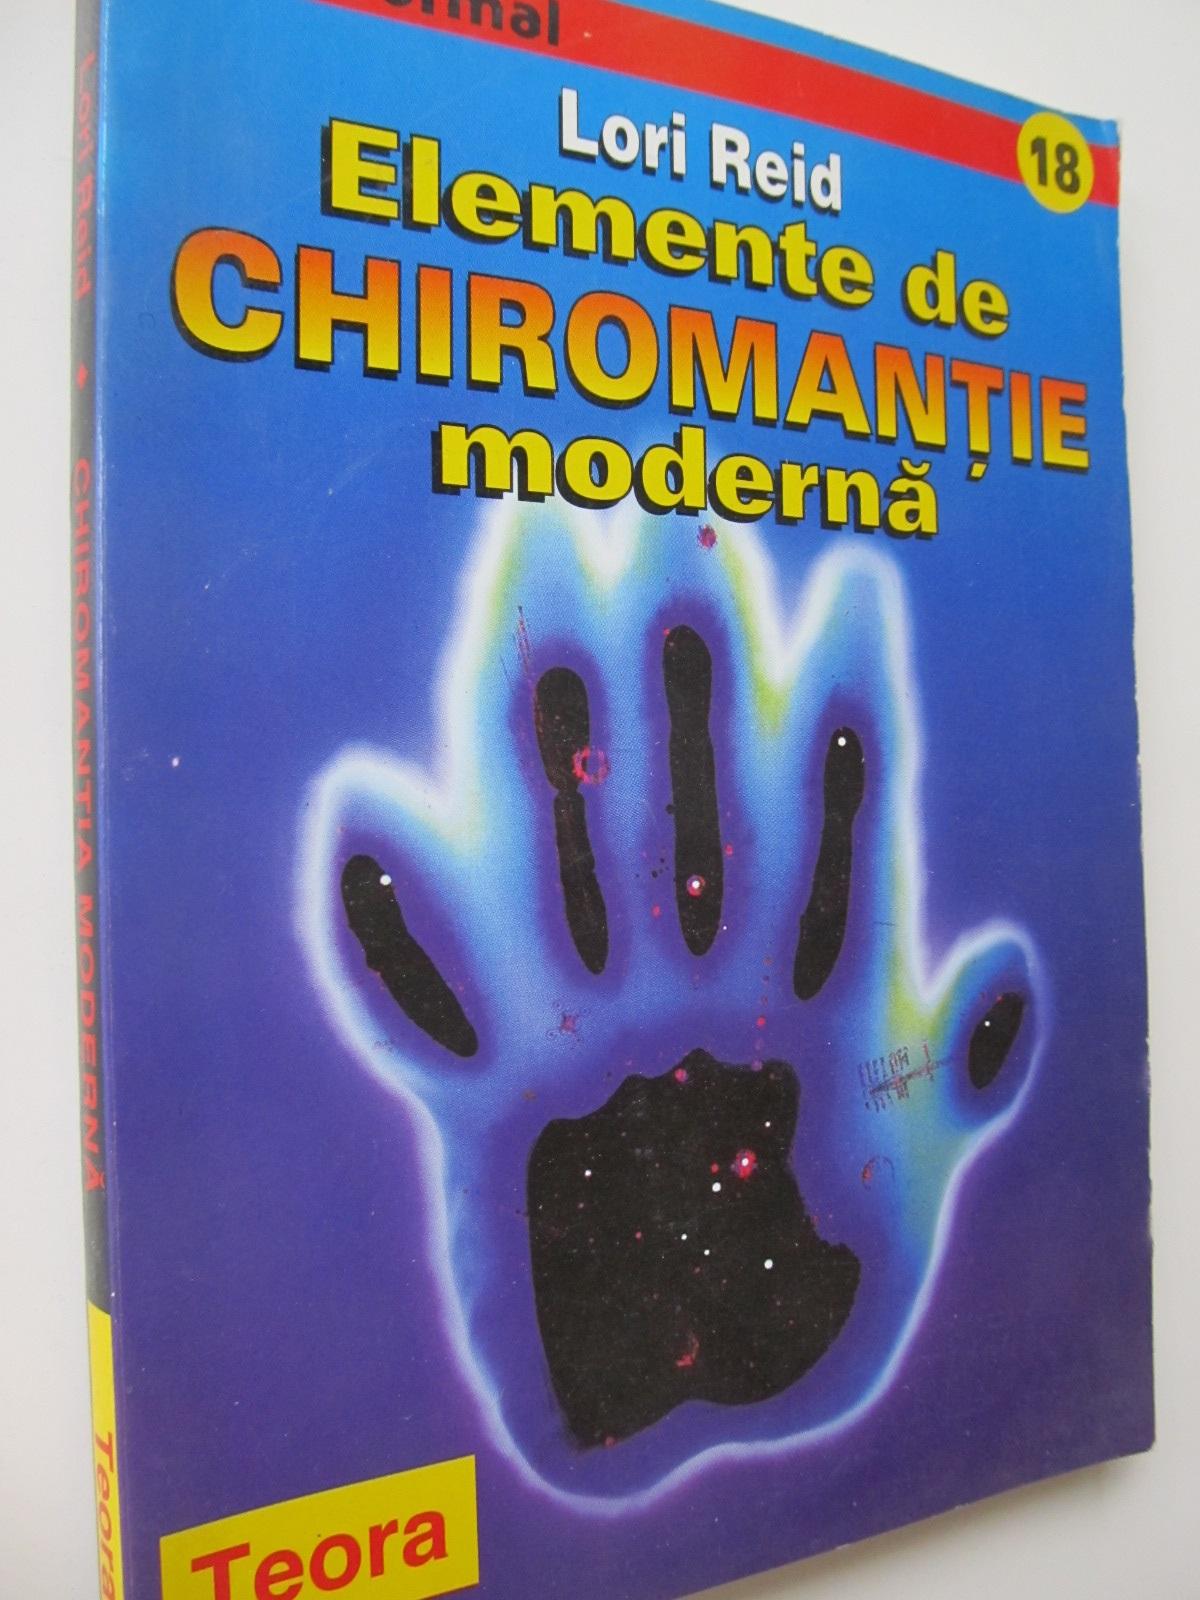 Elemente de chiromantie moderna - Lori Reid | Detalii carte